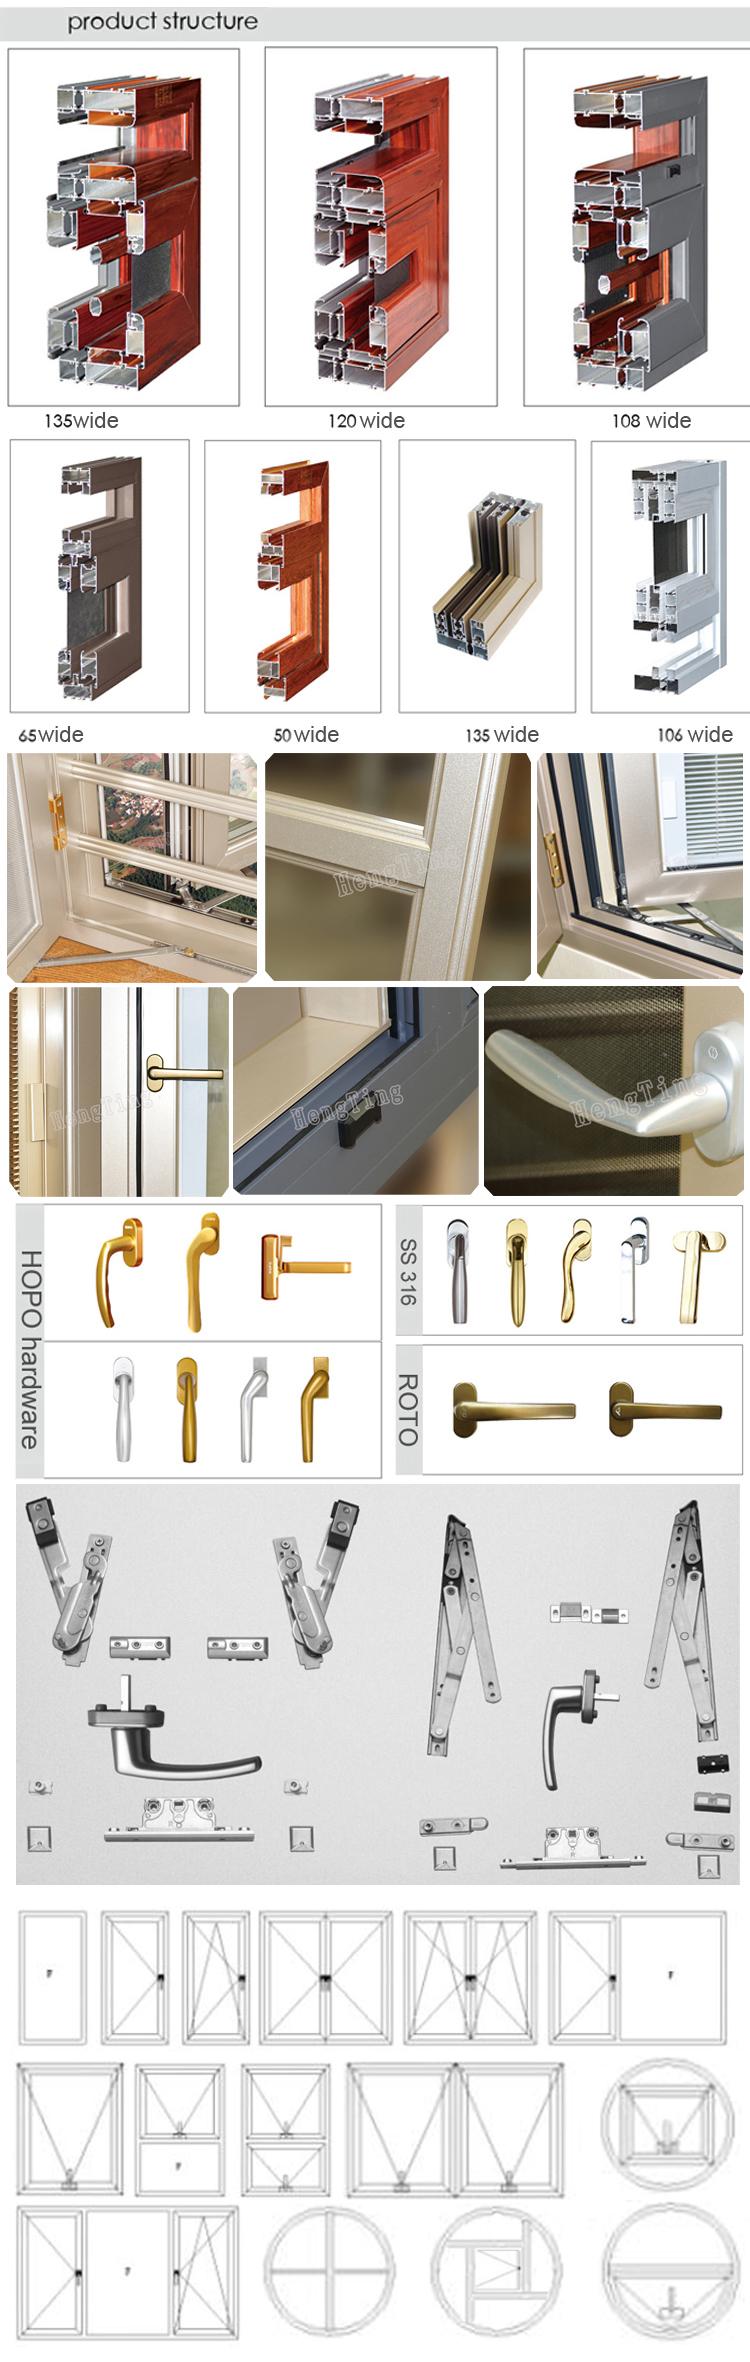 double swing profile casement window for sale.jpg